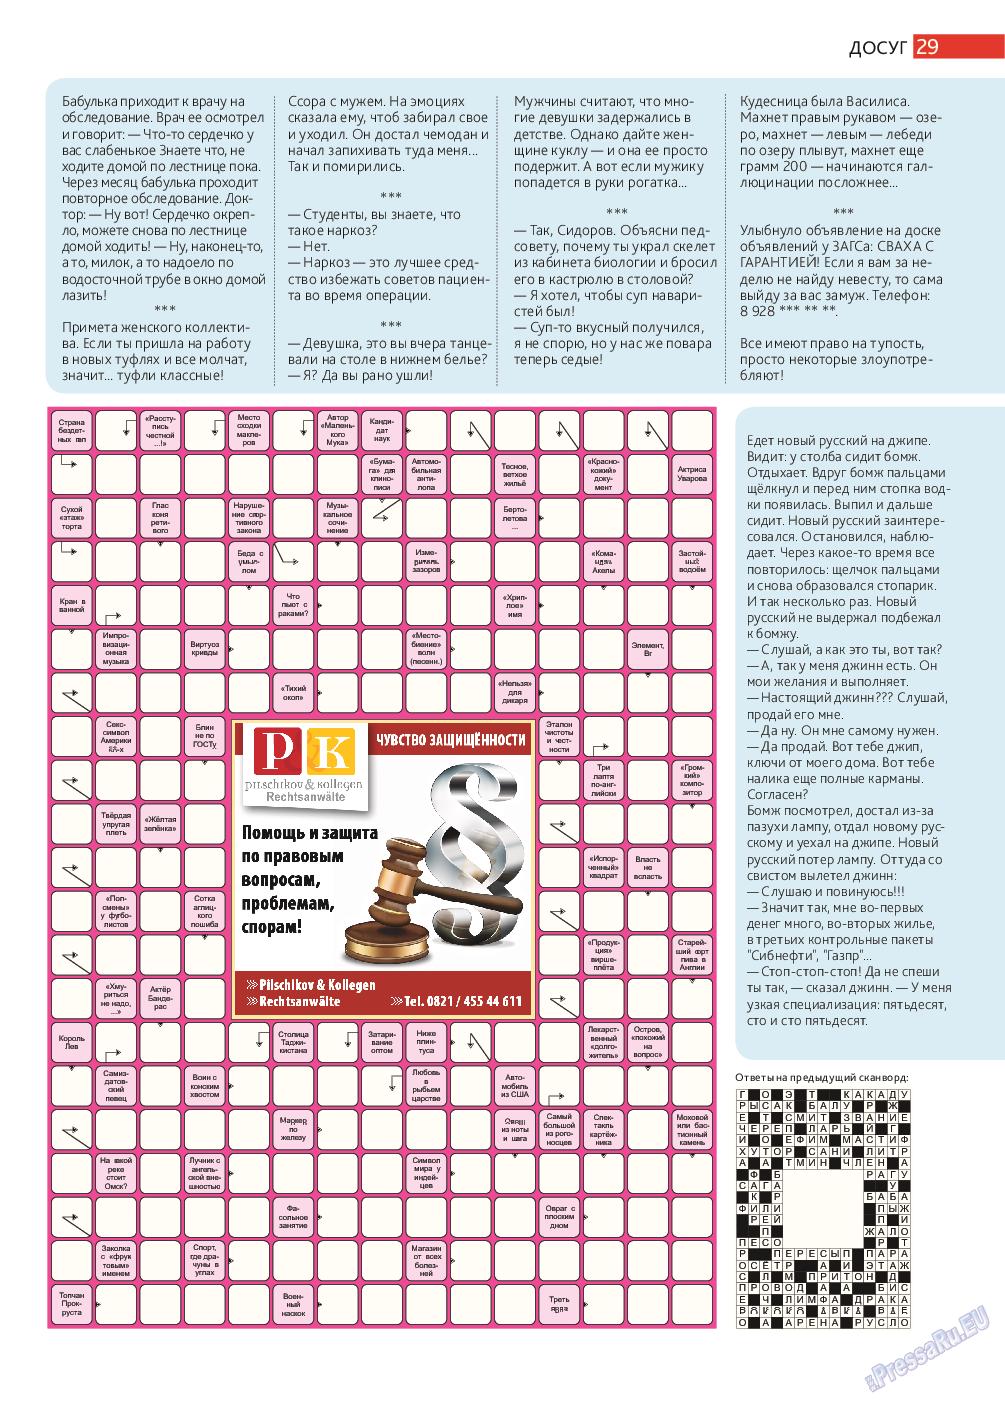 Афиша Augsburg (журнал). 2016 год, номер 8, стр. 29